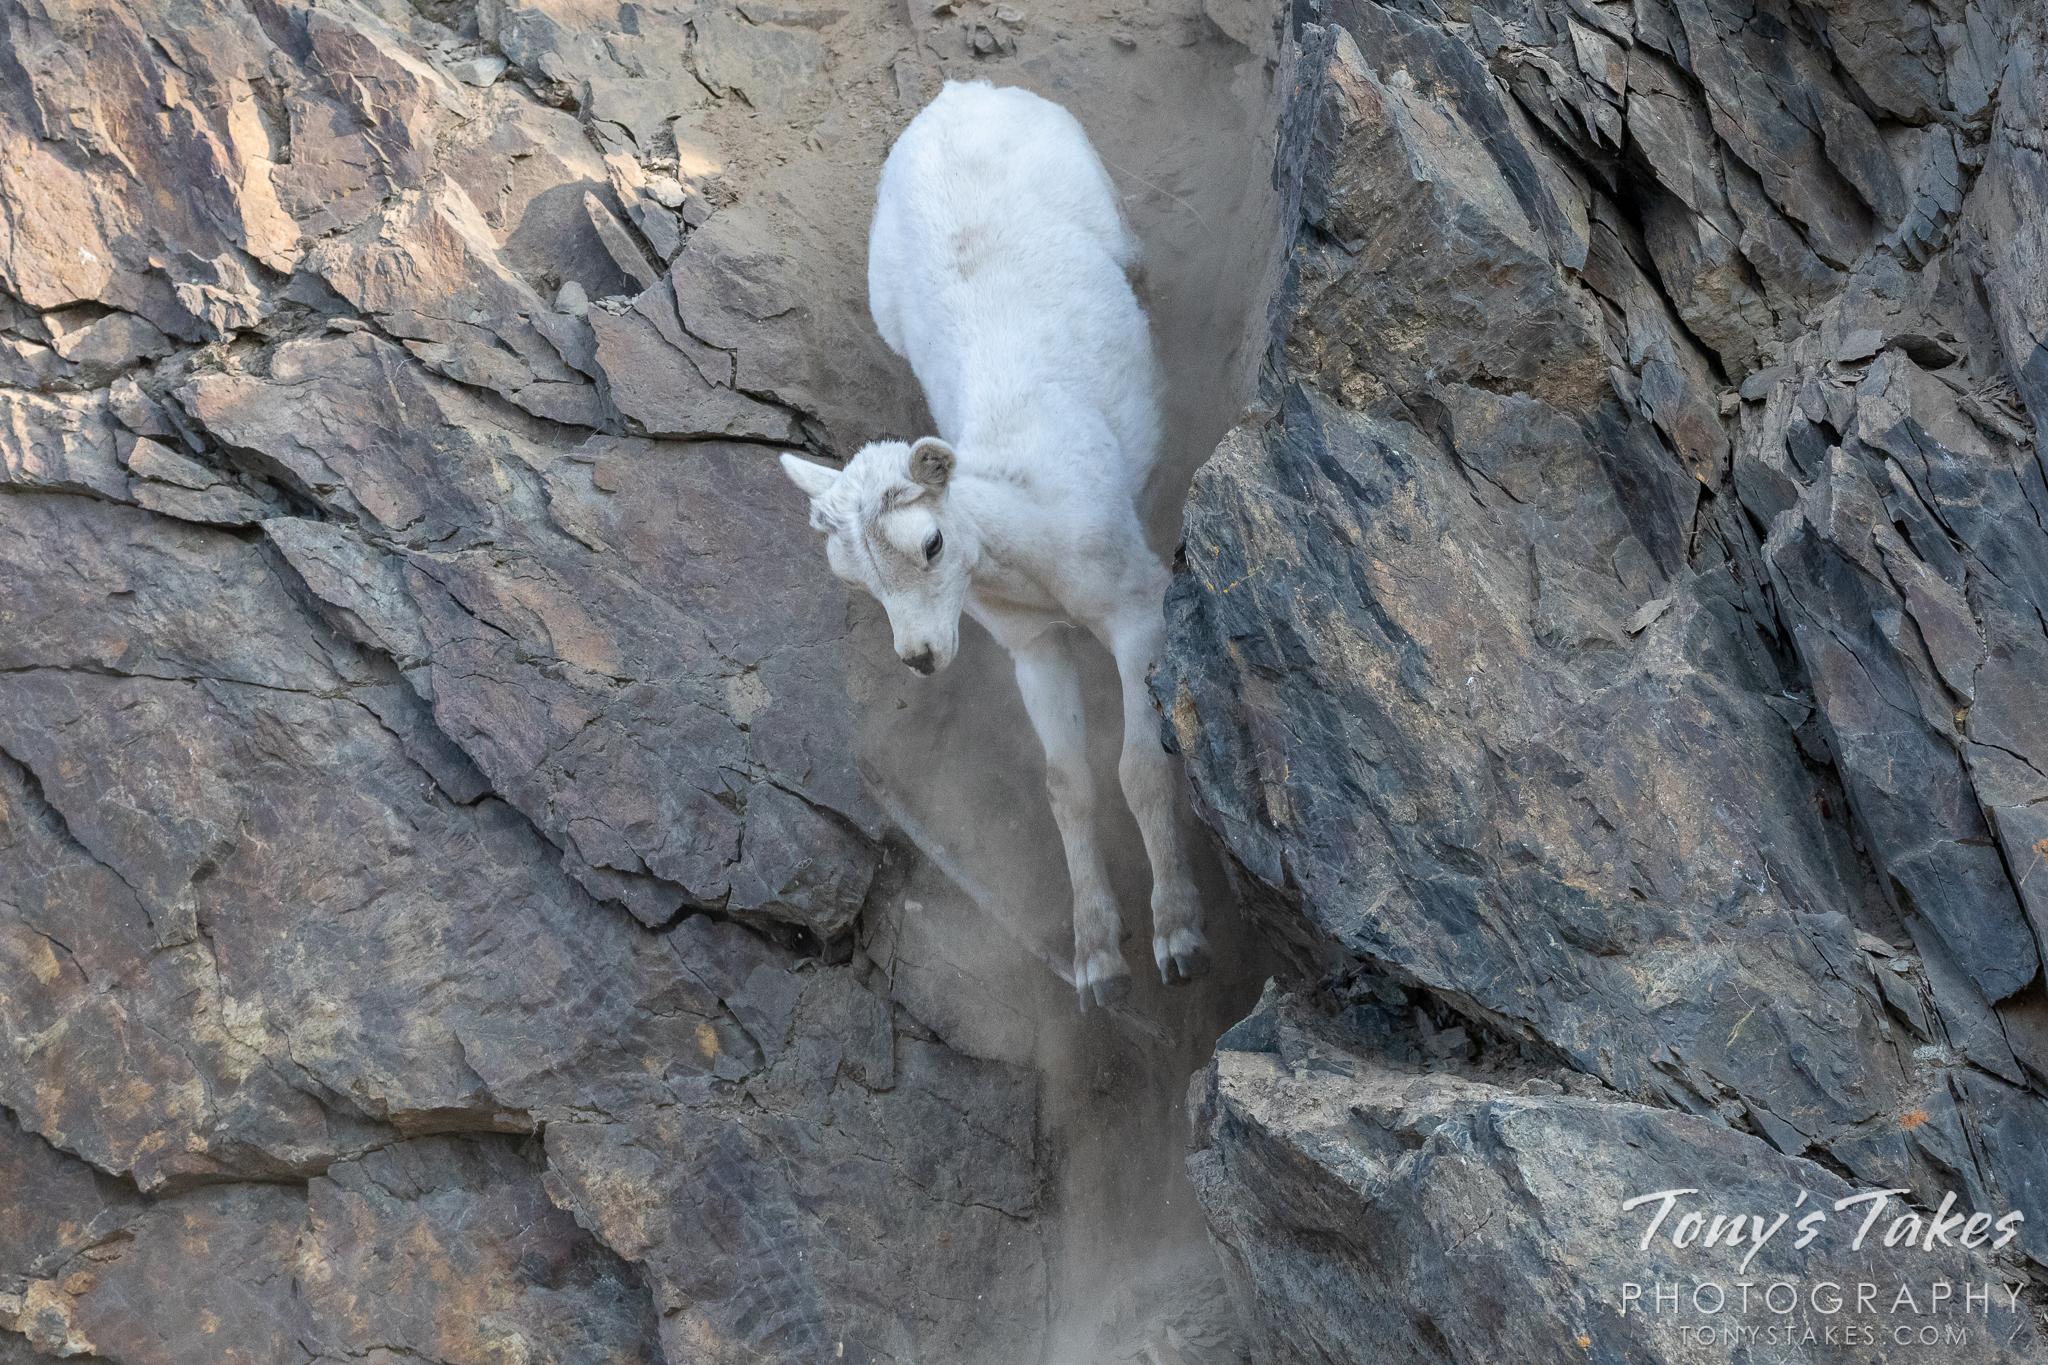 Dall sheep lamb takes a big leap